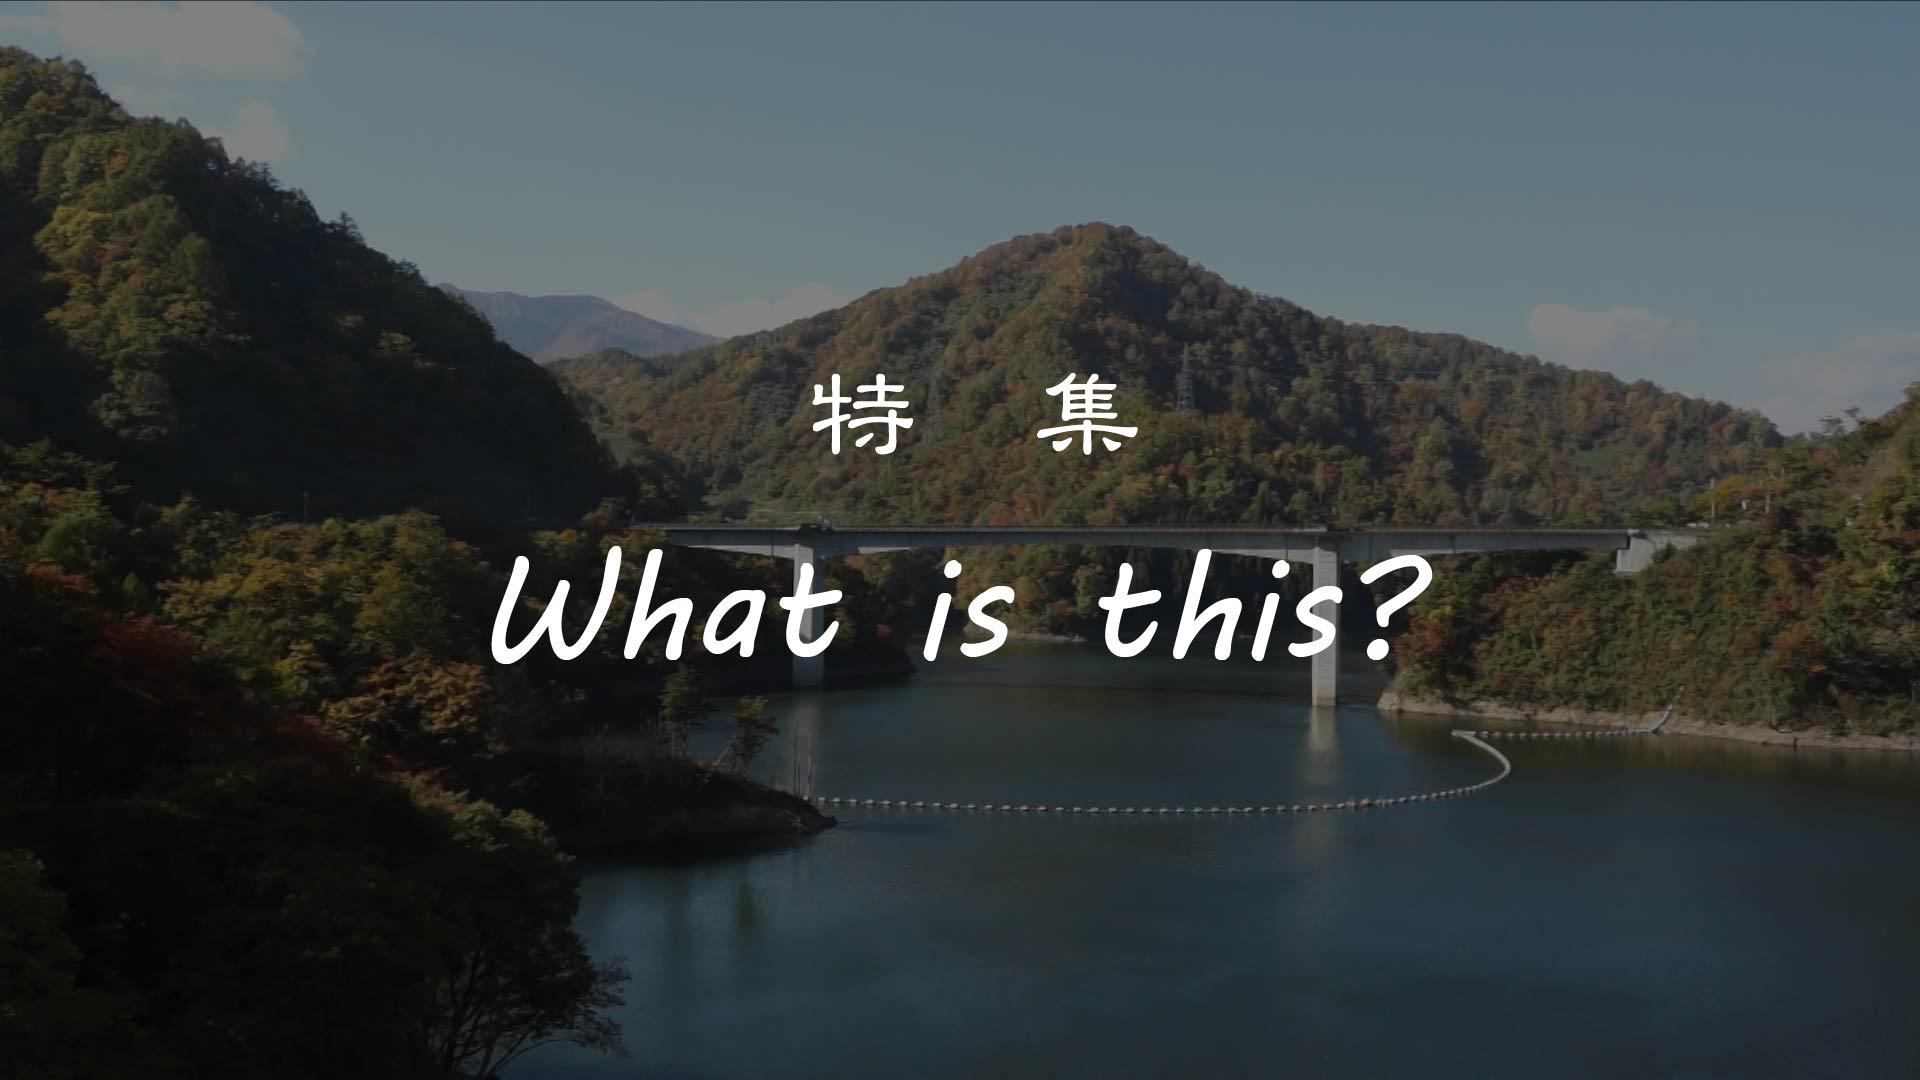 【長井市】 特集 『What is this?』 ながい百秋湖 編 :画像